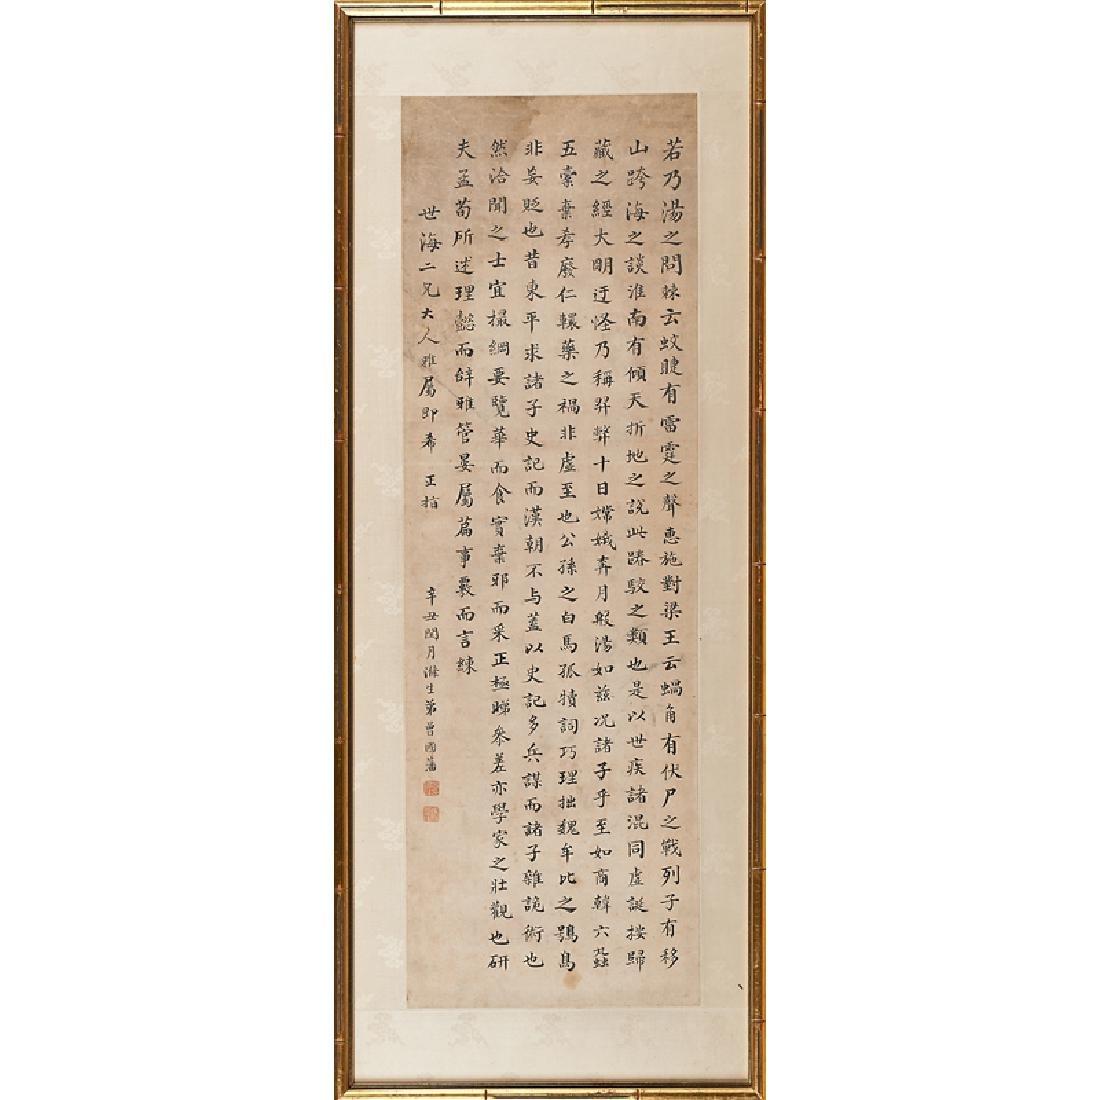 ZENG GUOFAN (Chinese, 1811-1872)